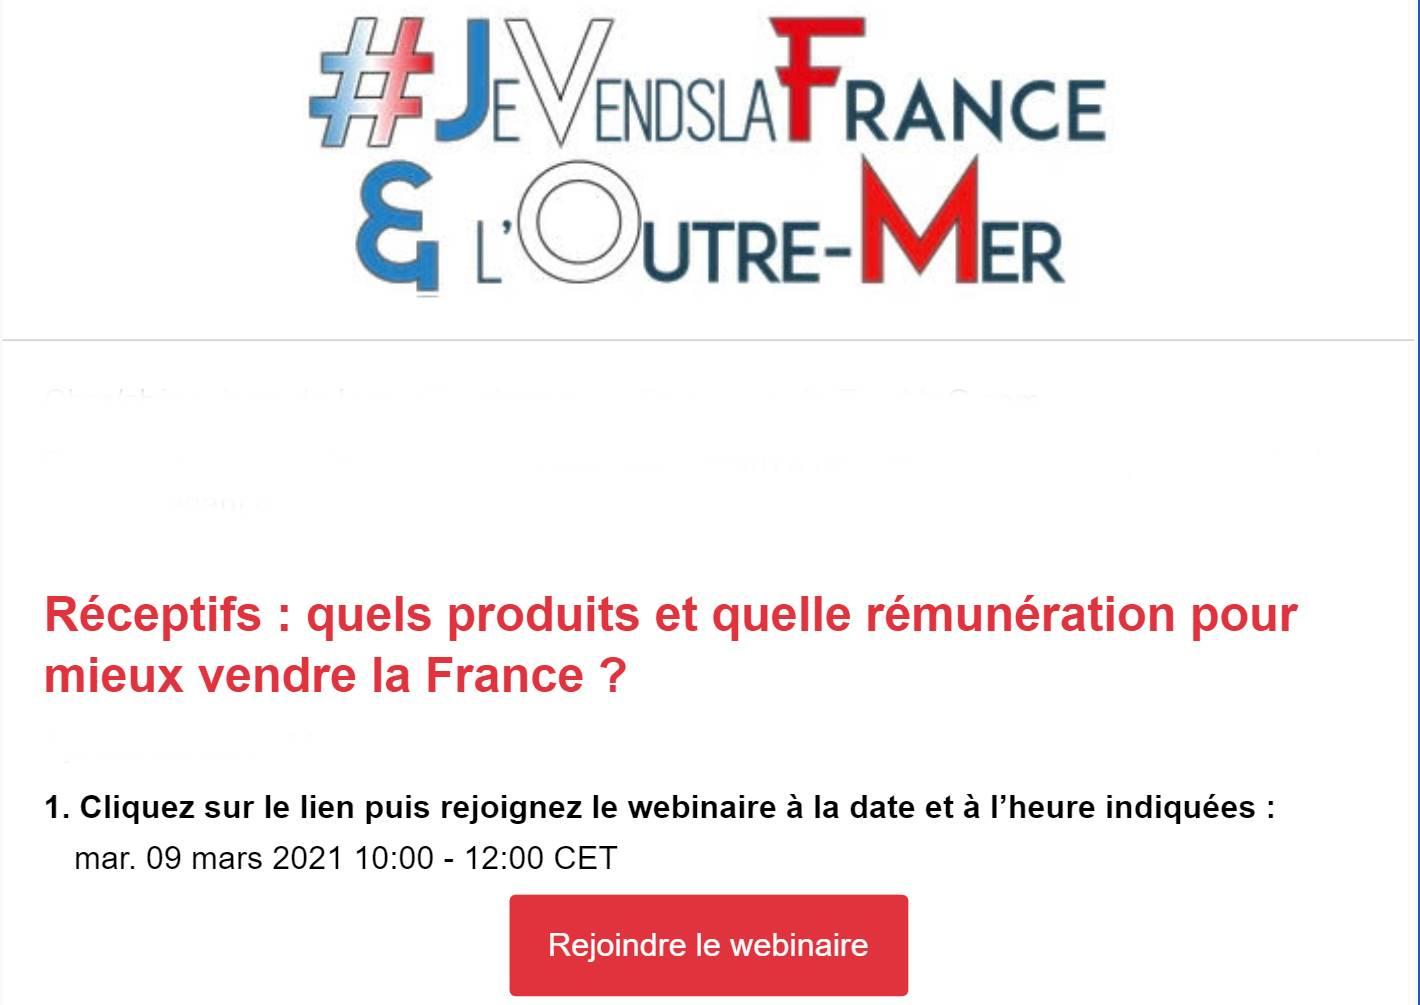 """Vendre la France, est-ce vraiment """"payant"""" dans le contexte actuel ?"""